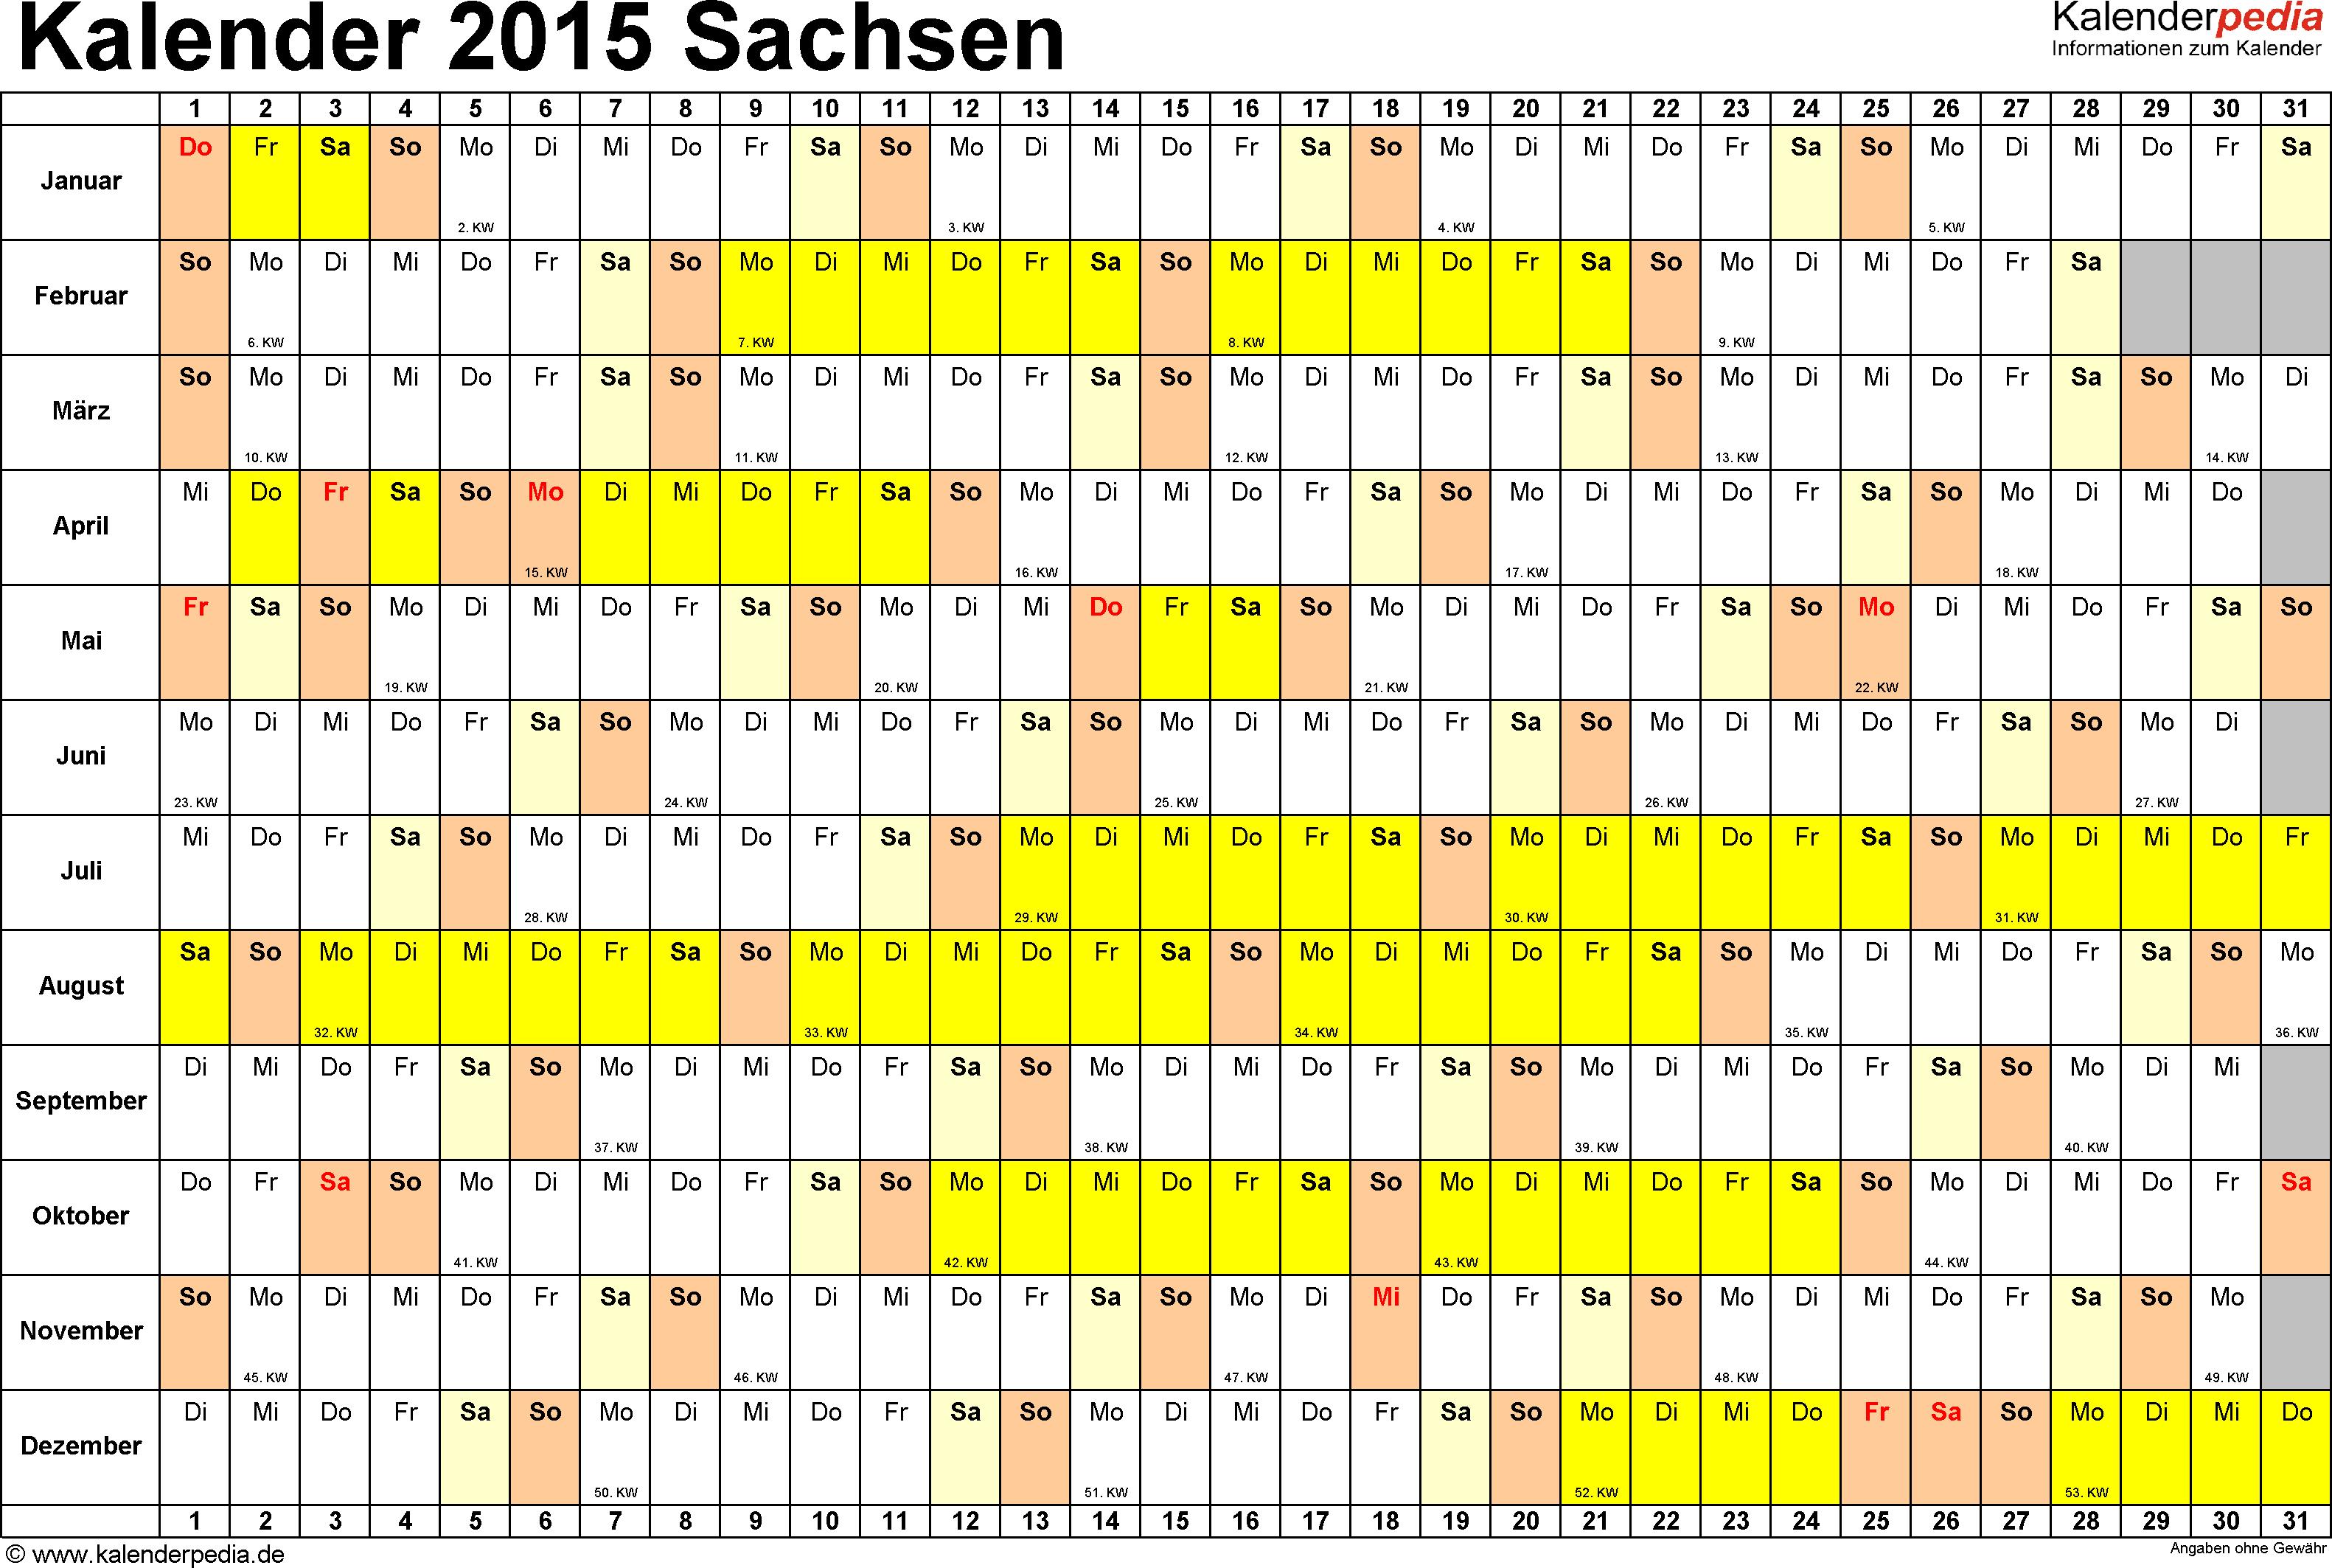 Vorlage 3: Kalender Sachsen 2015 im Querformat, Tage nebeneinander